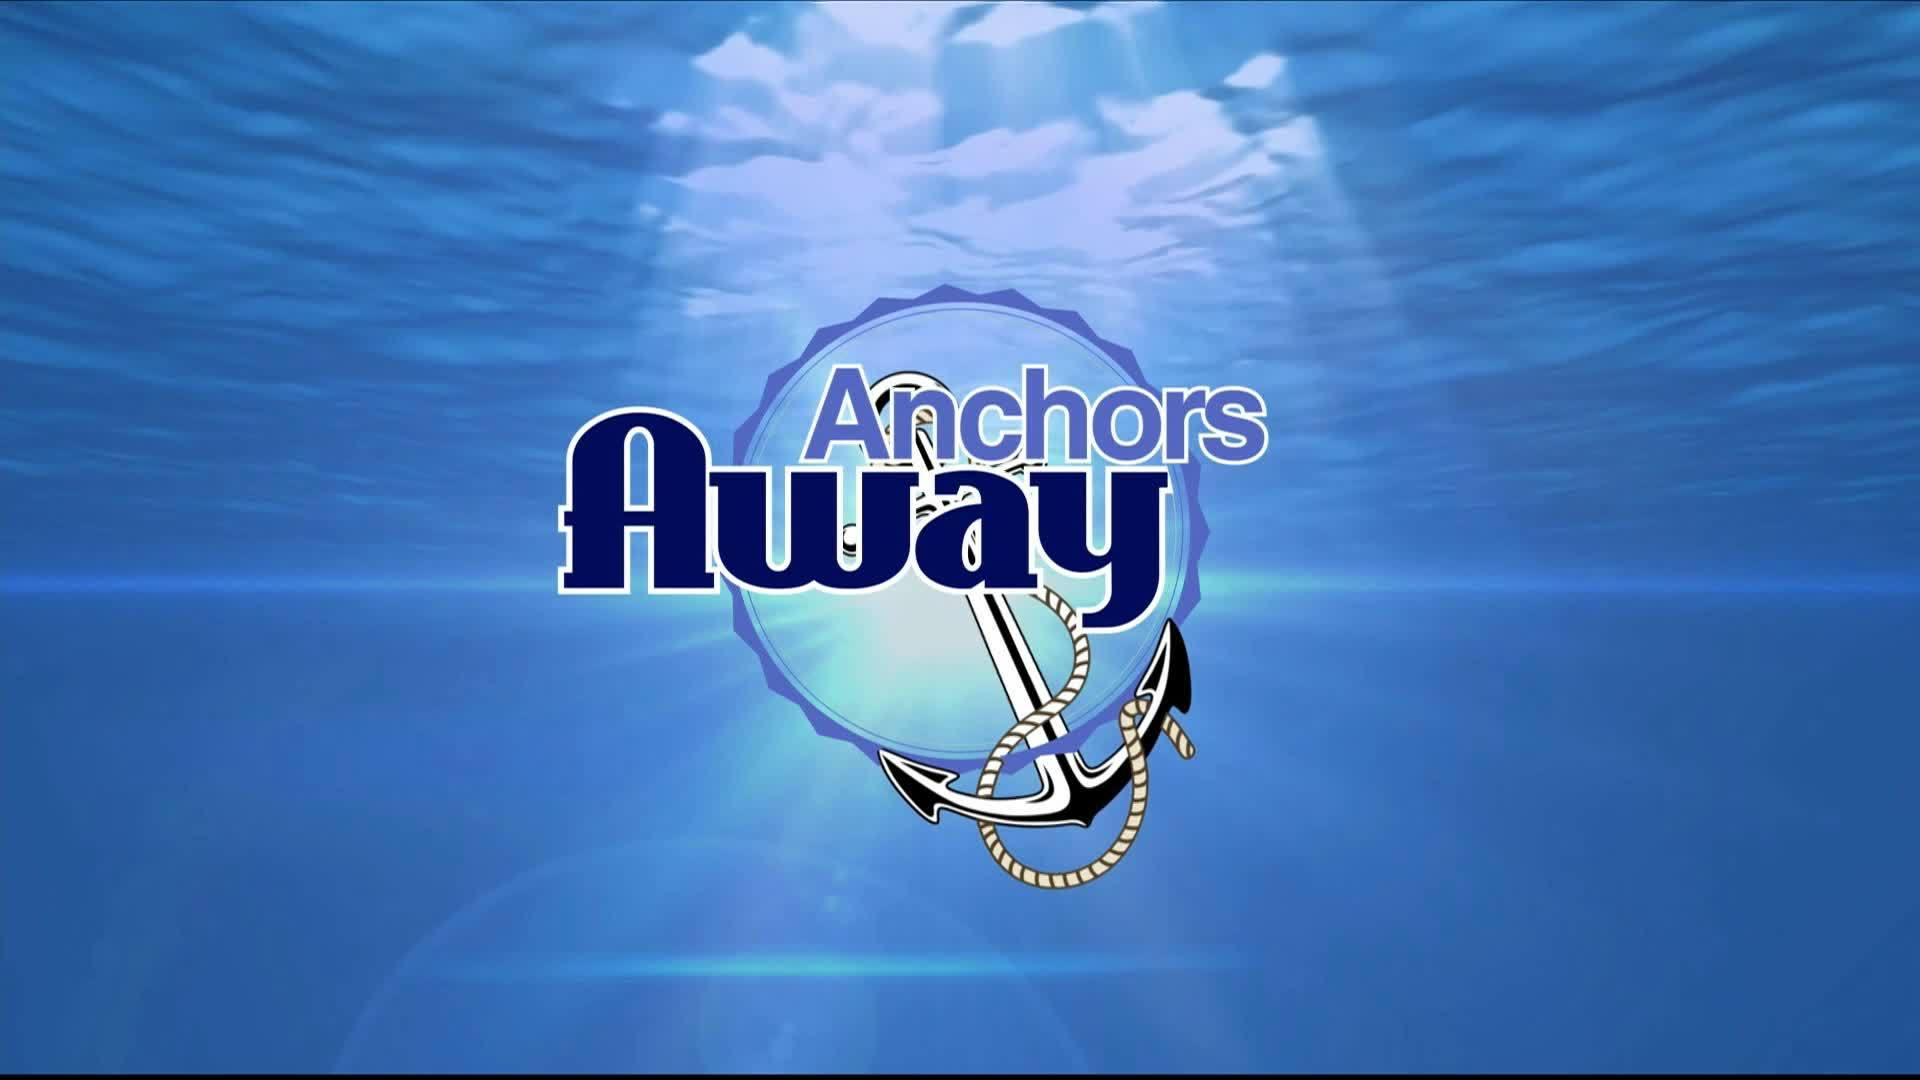 Anchors_Away_4_5_19_3_20190406011557